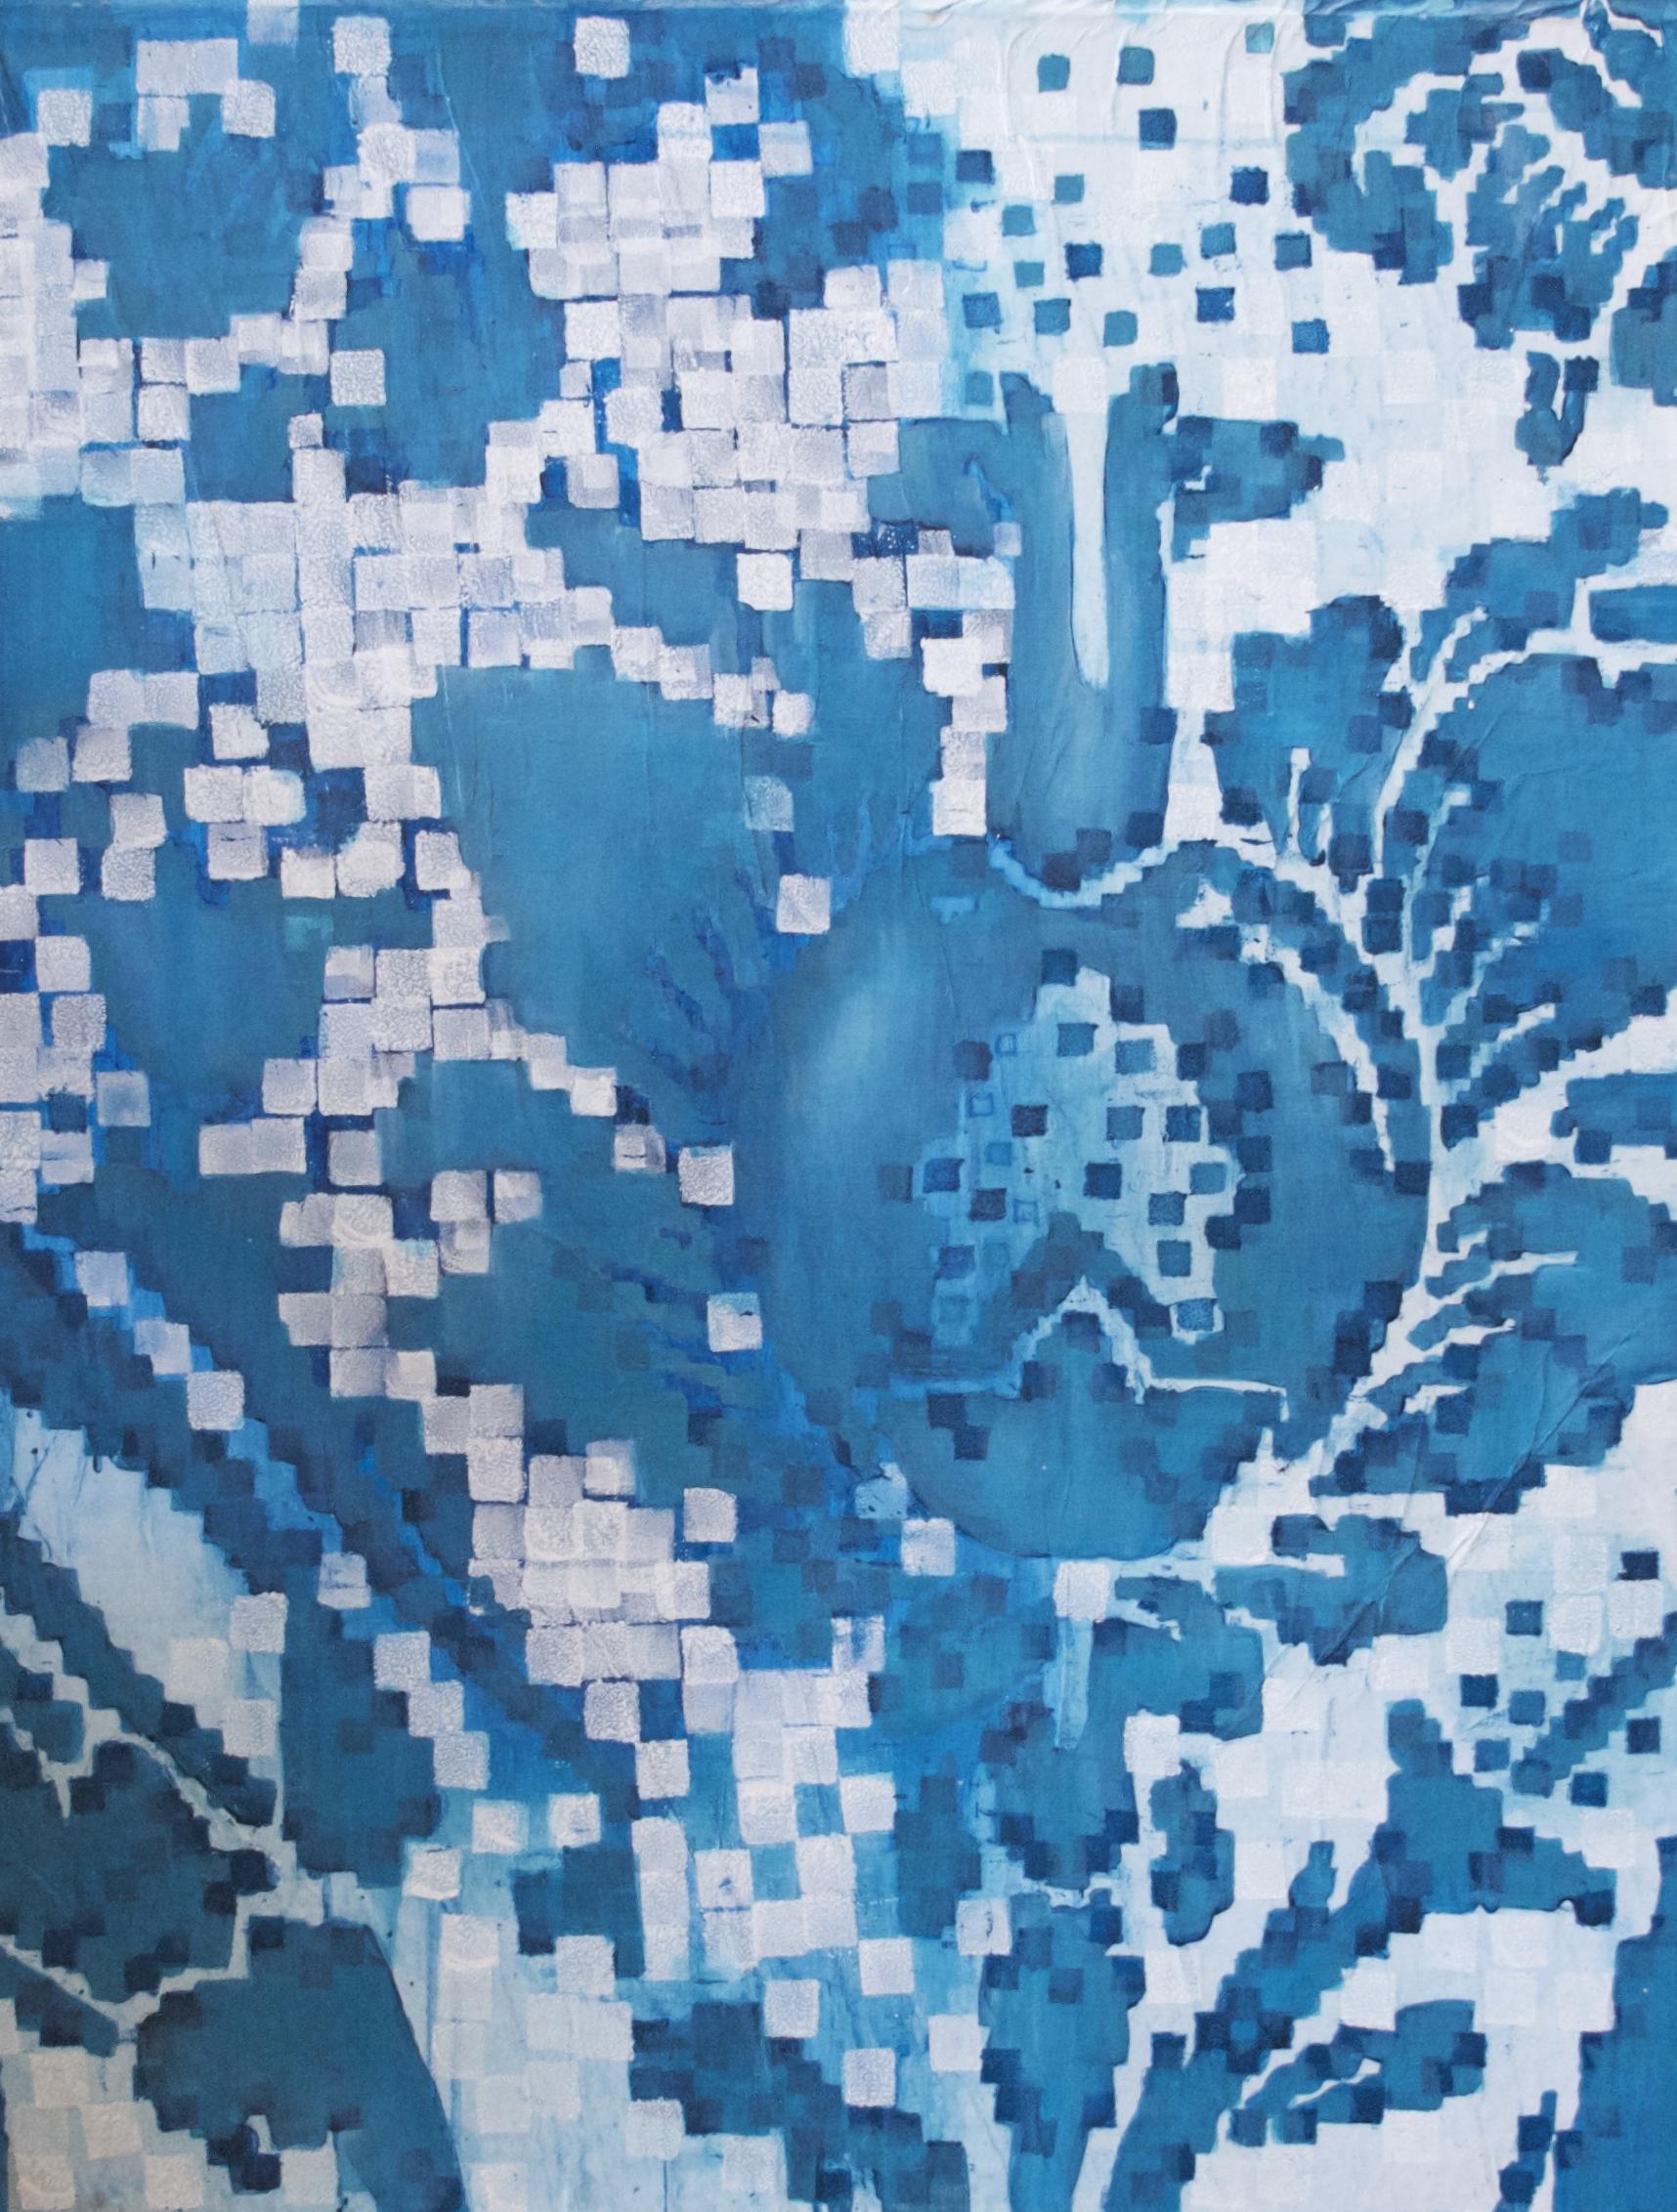 Over Pixliated Blue Print